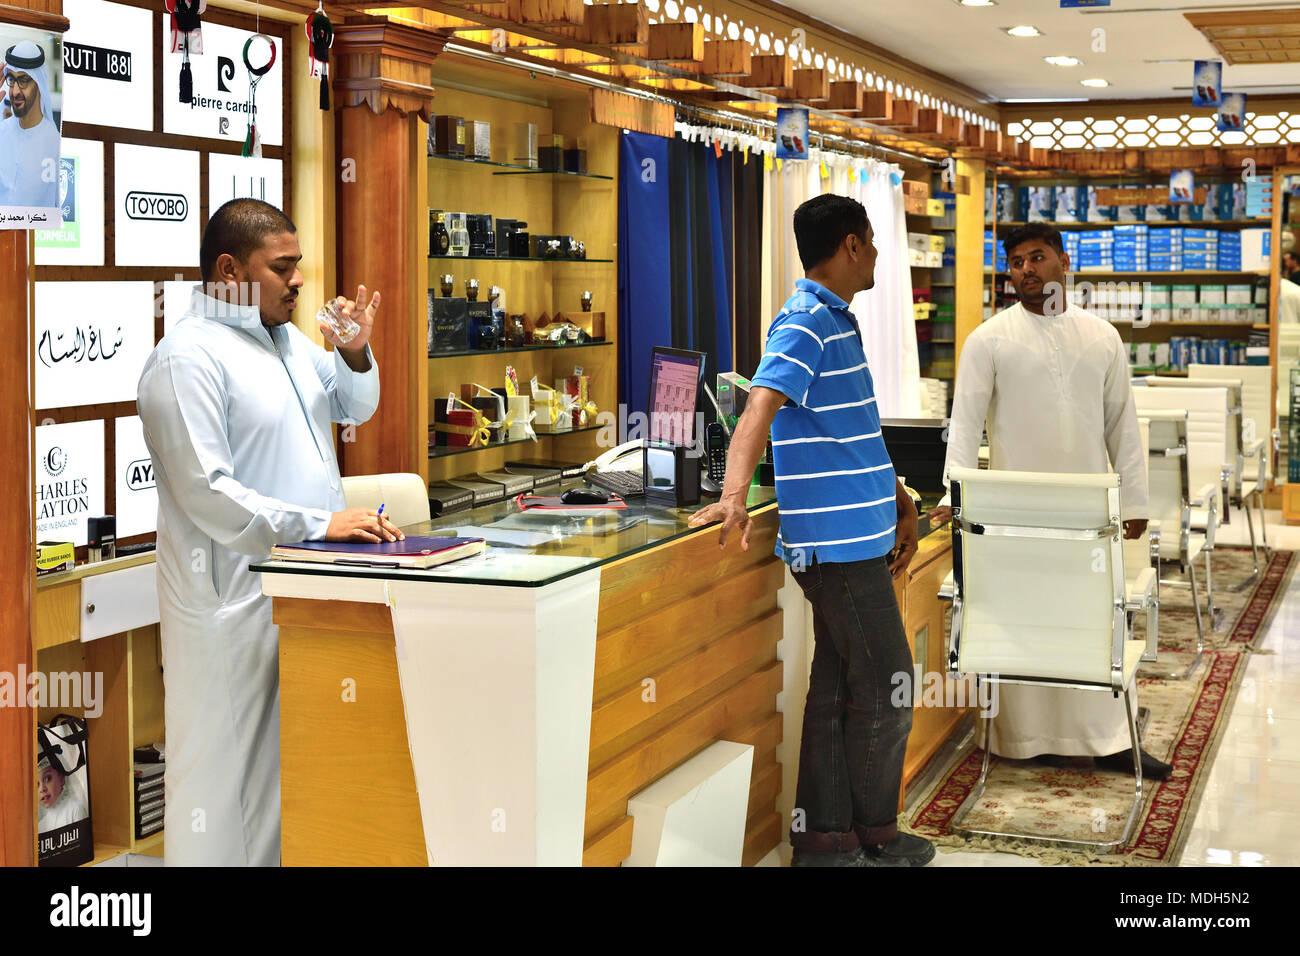 Islamic Clothing Shop Stock Photos & Islamic Clothing Shop